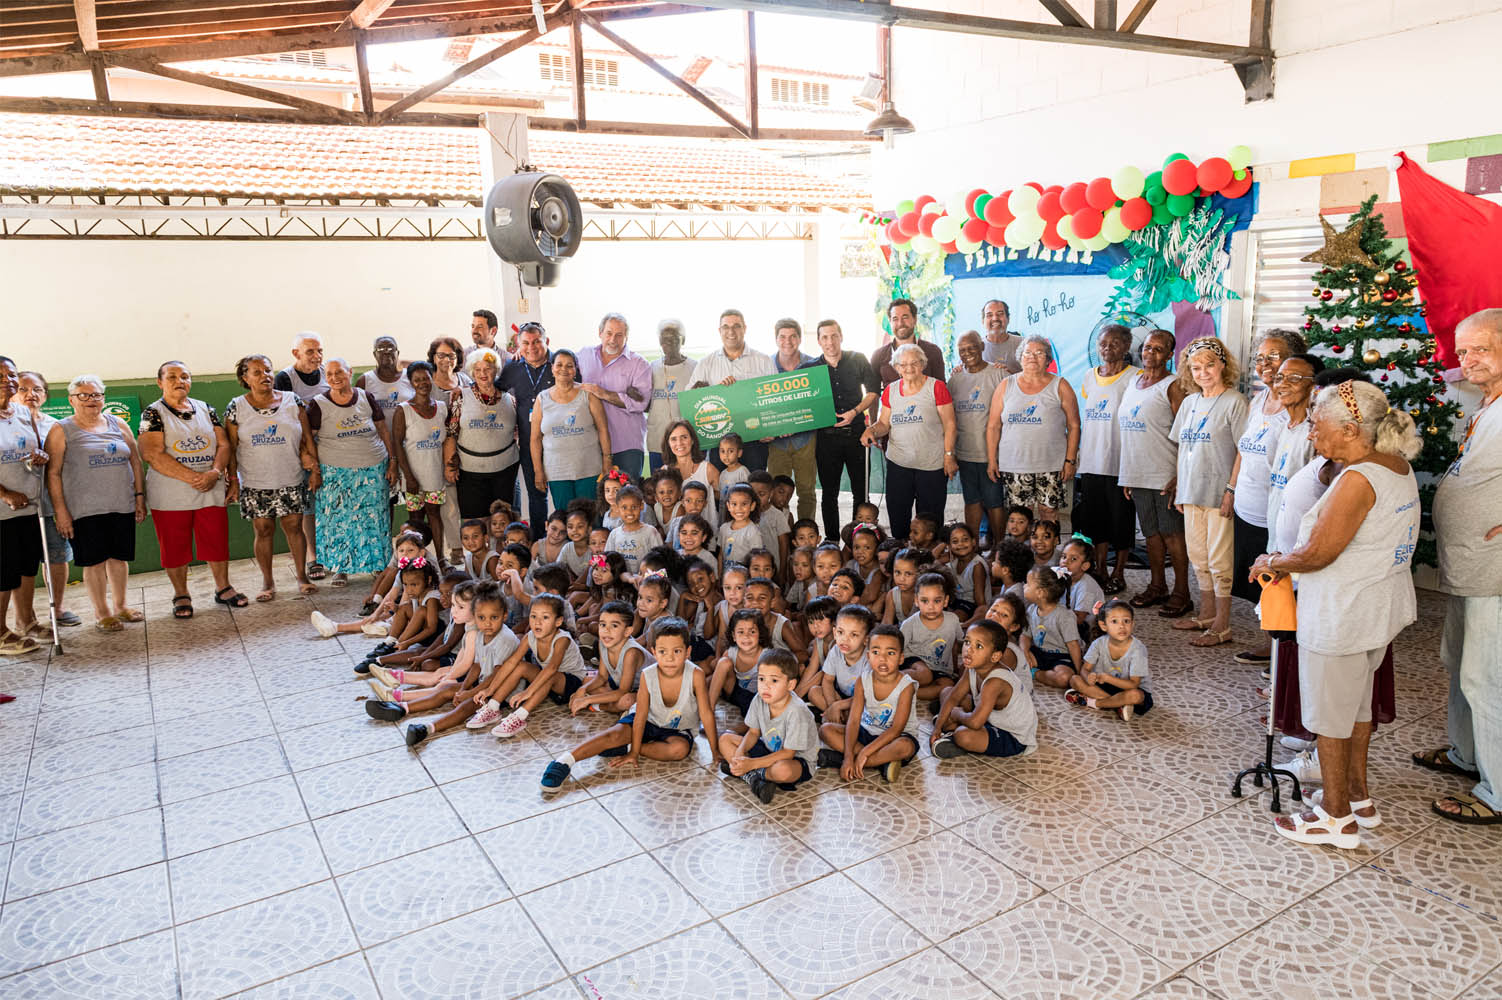 crianças sentadas chão cercadas adultos evento beneficente subway